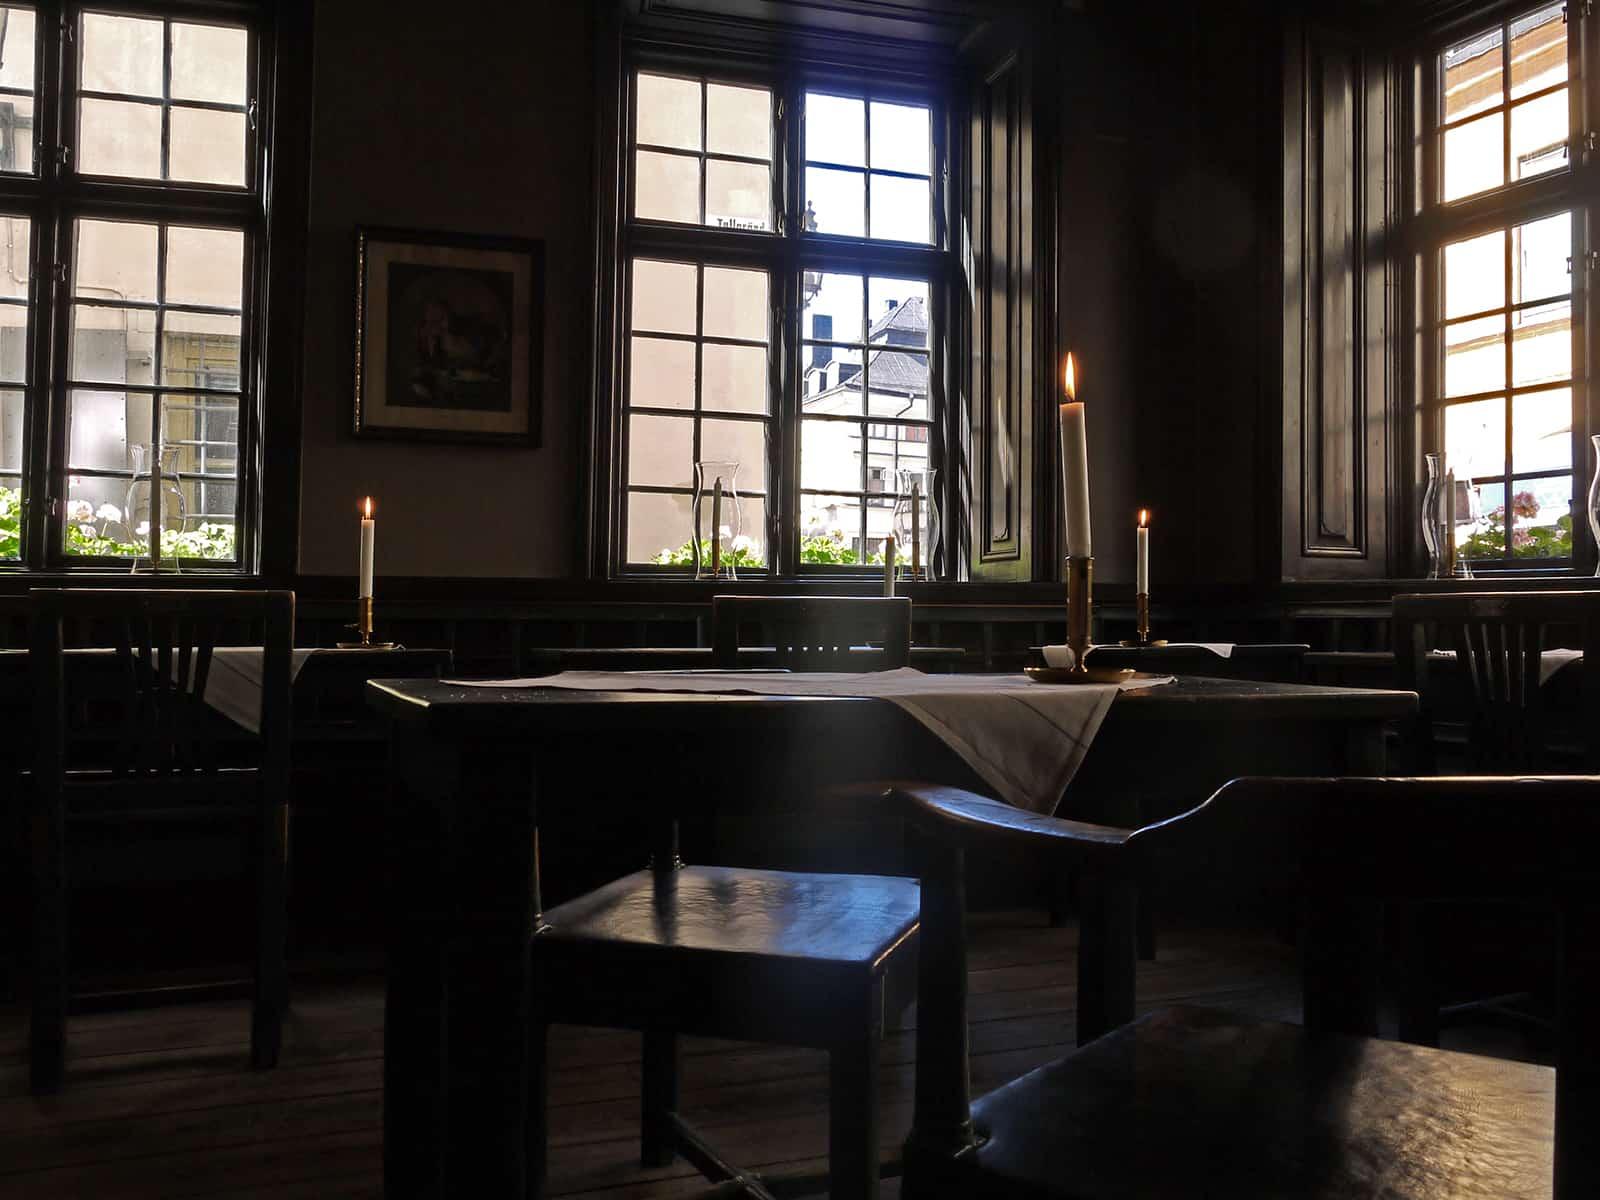 Gastraum eines altertümlichen Restaurants